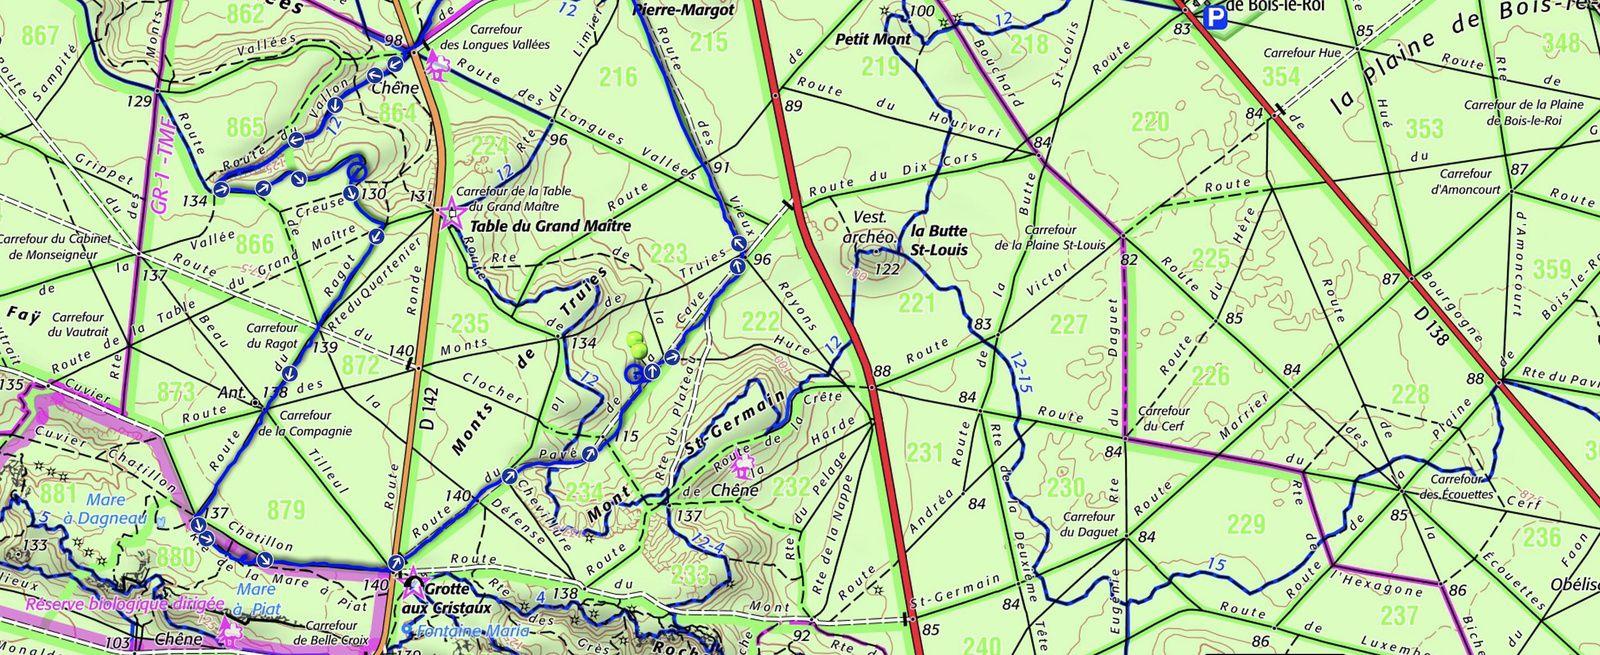 Randonnée en boucle de Bois-le-Roi, 12 km.